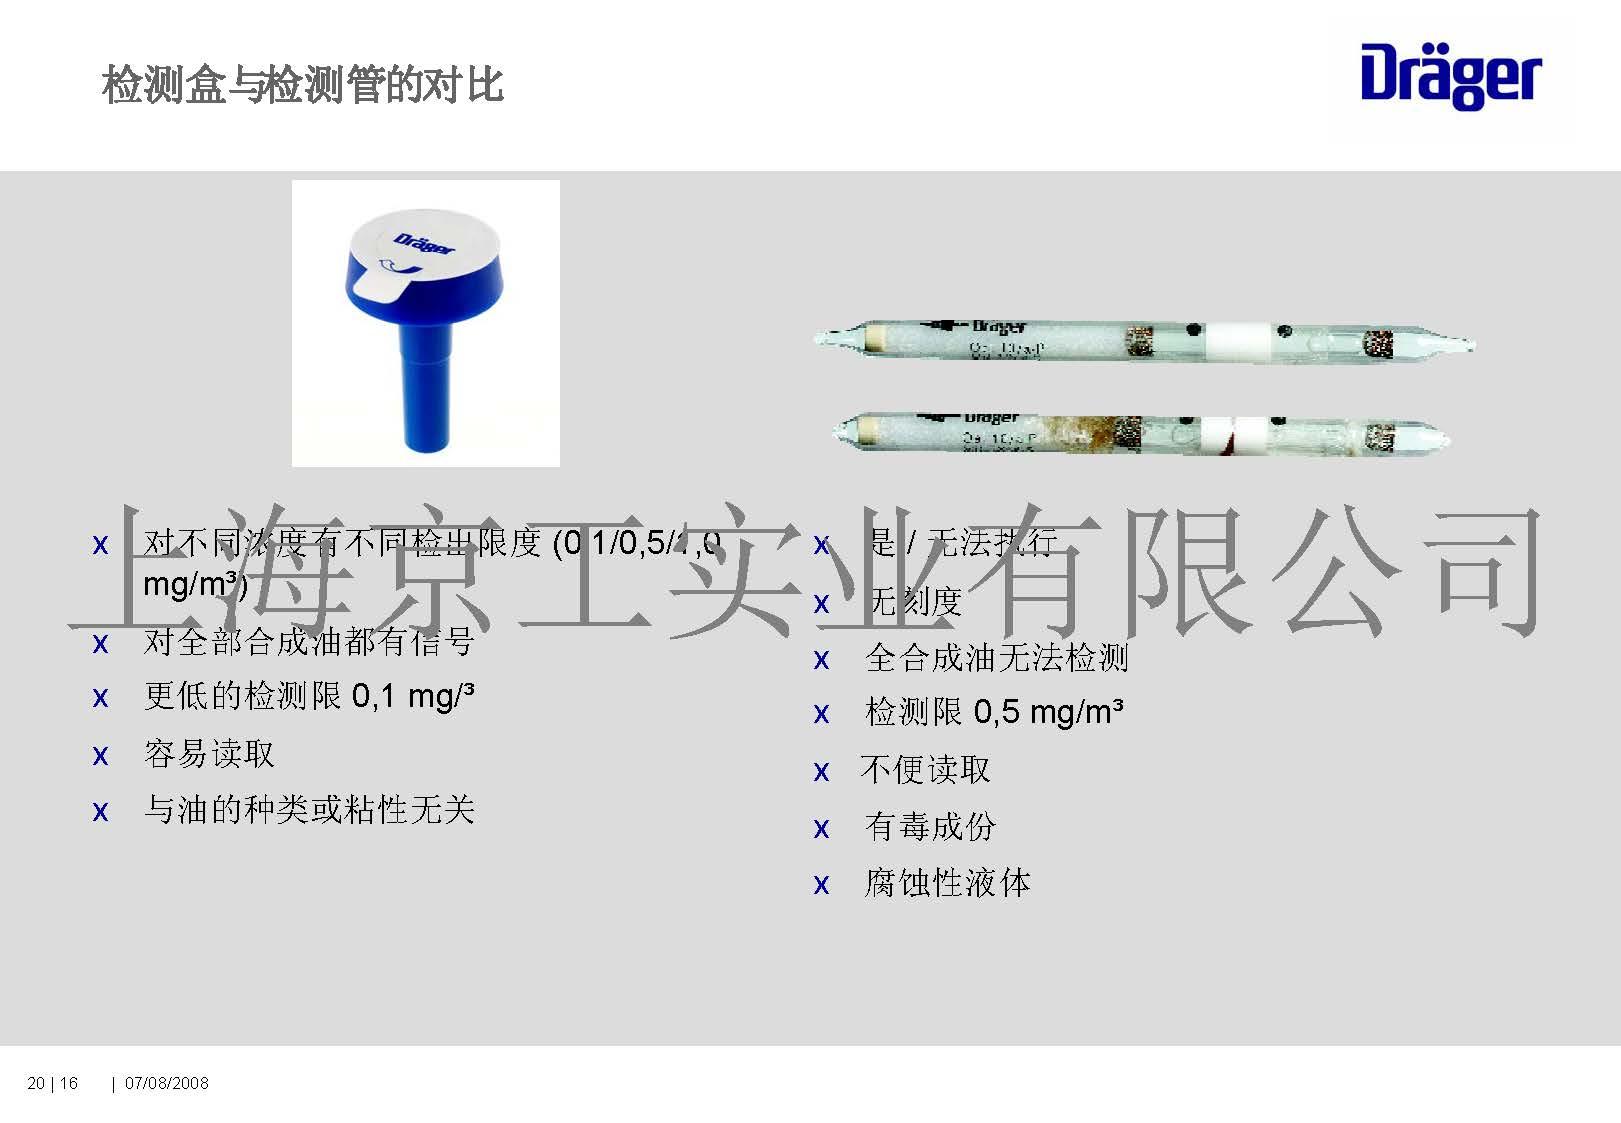 德尔格油检测盒使用说明9